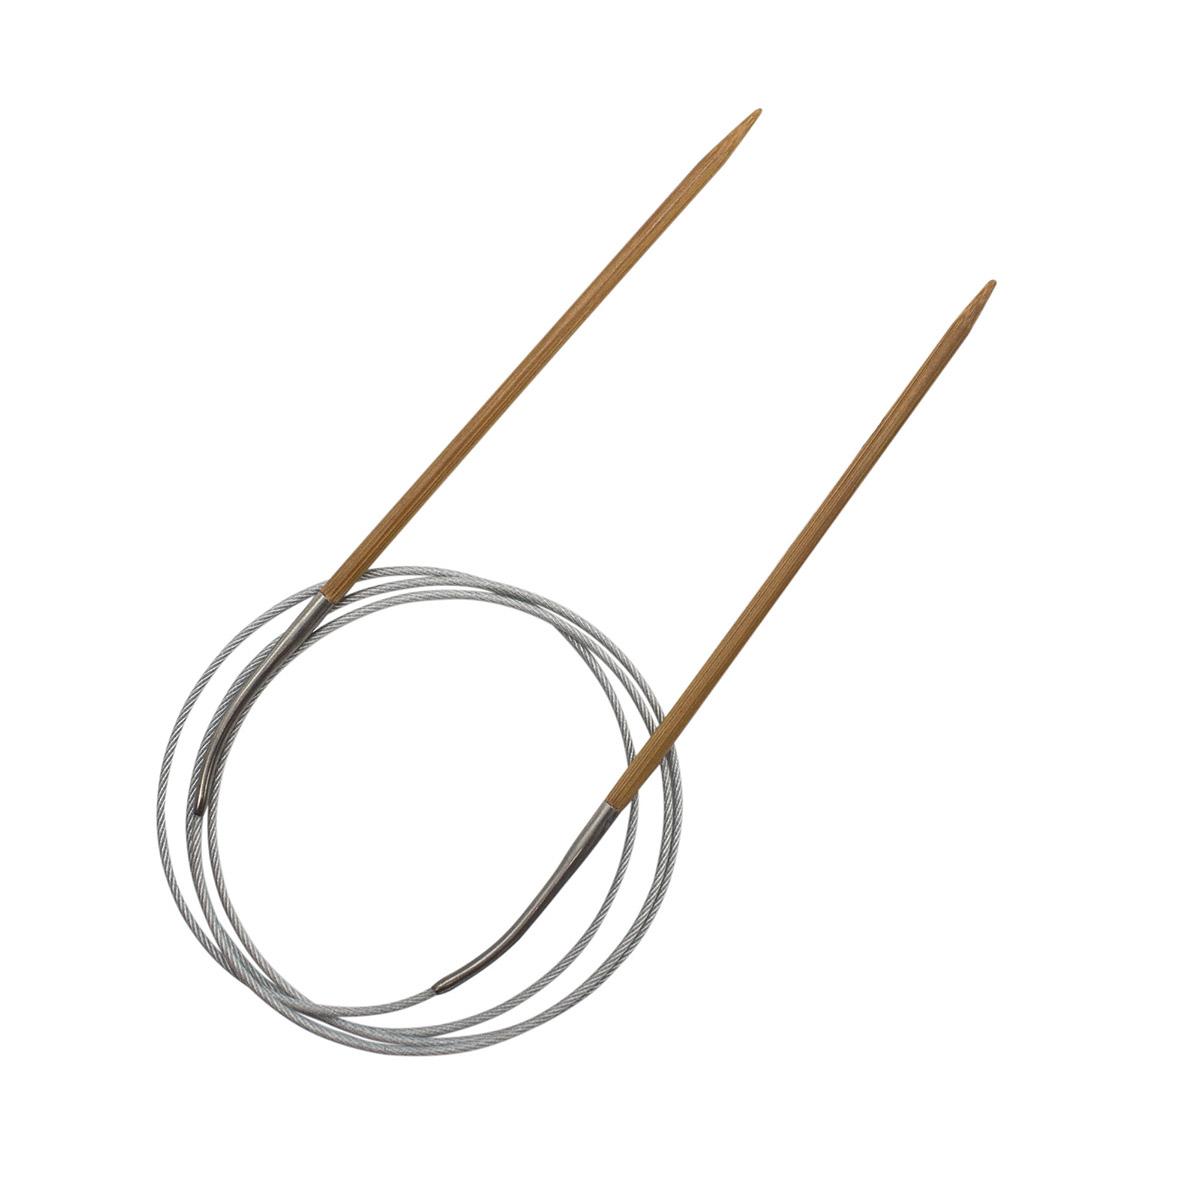 Спицы круговые бамбук с металлическим тросиком 942735, 100 см, 3,5 мм, Hobby&Pro